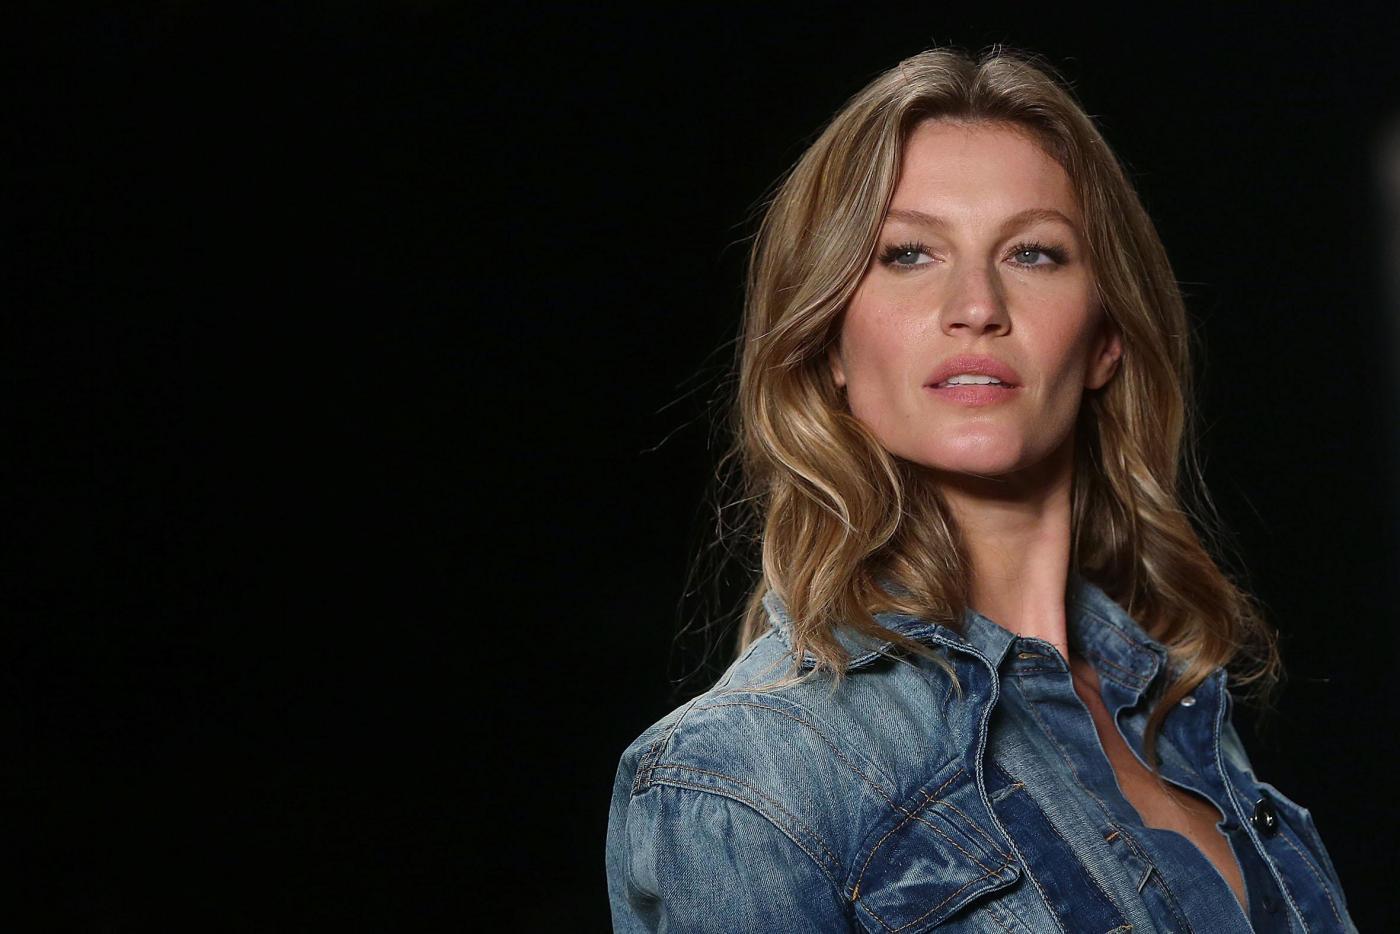 Gisele Bundchen si ritira: da aprile la super modella non farà più sfilate